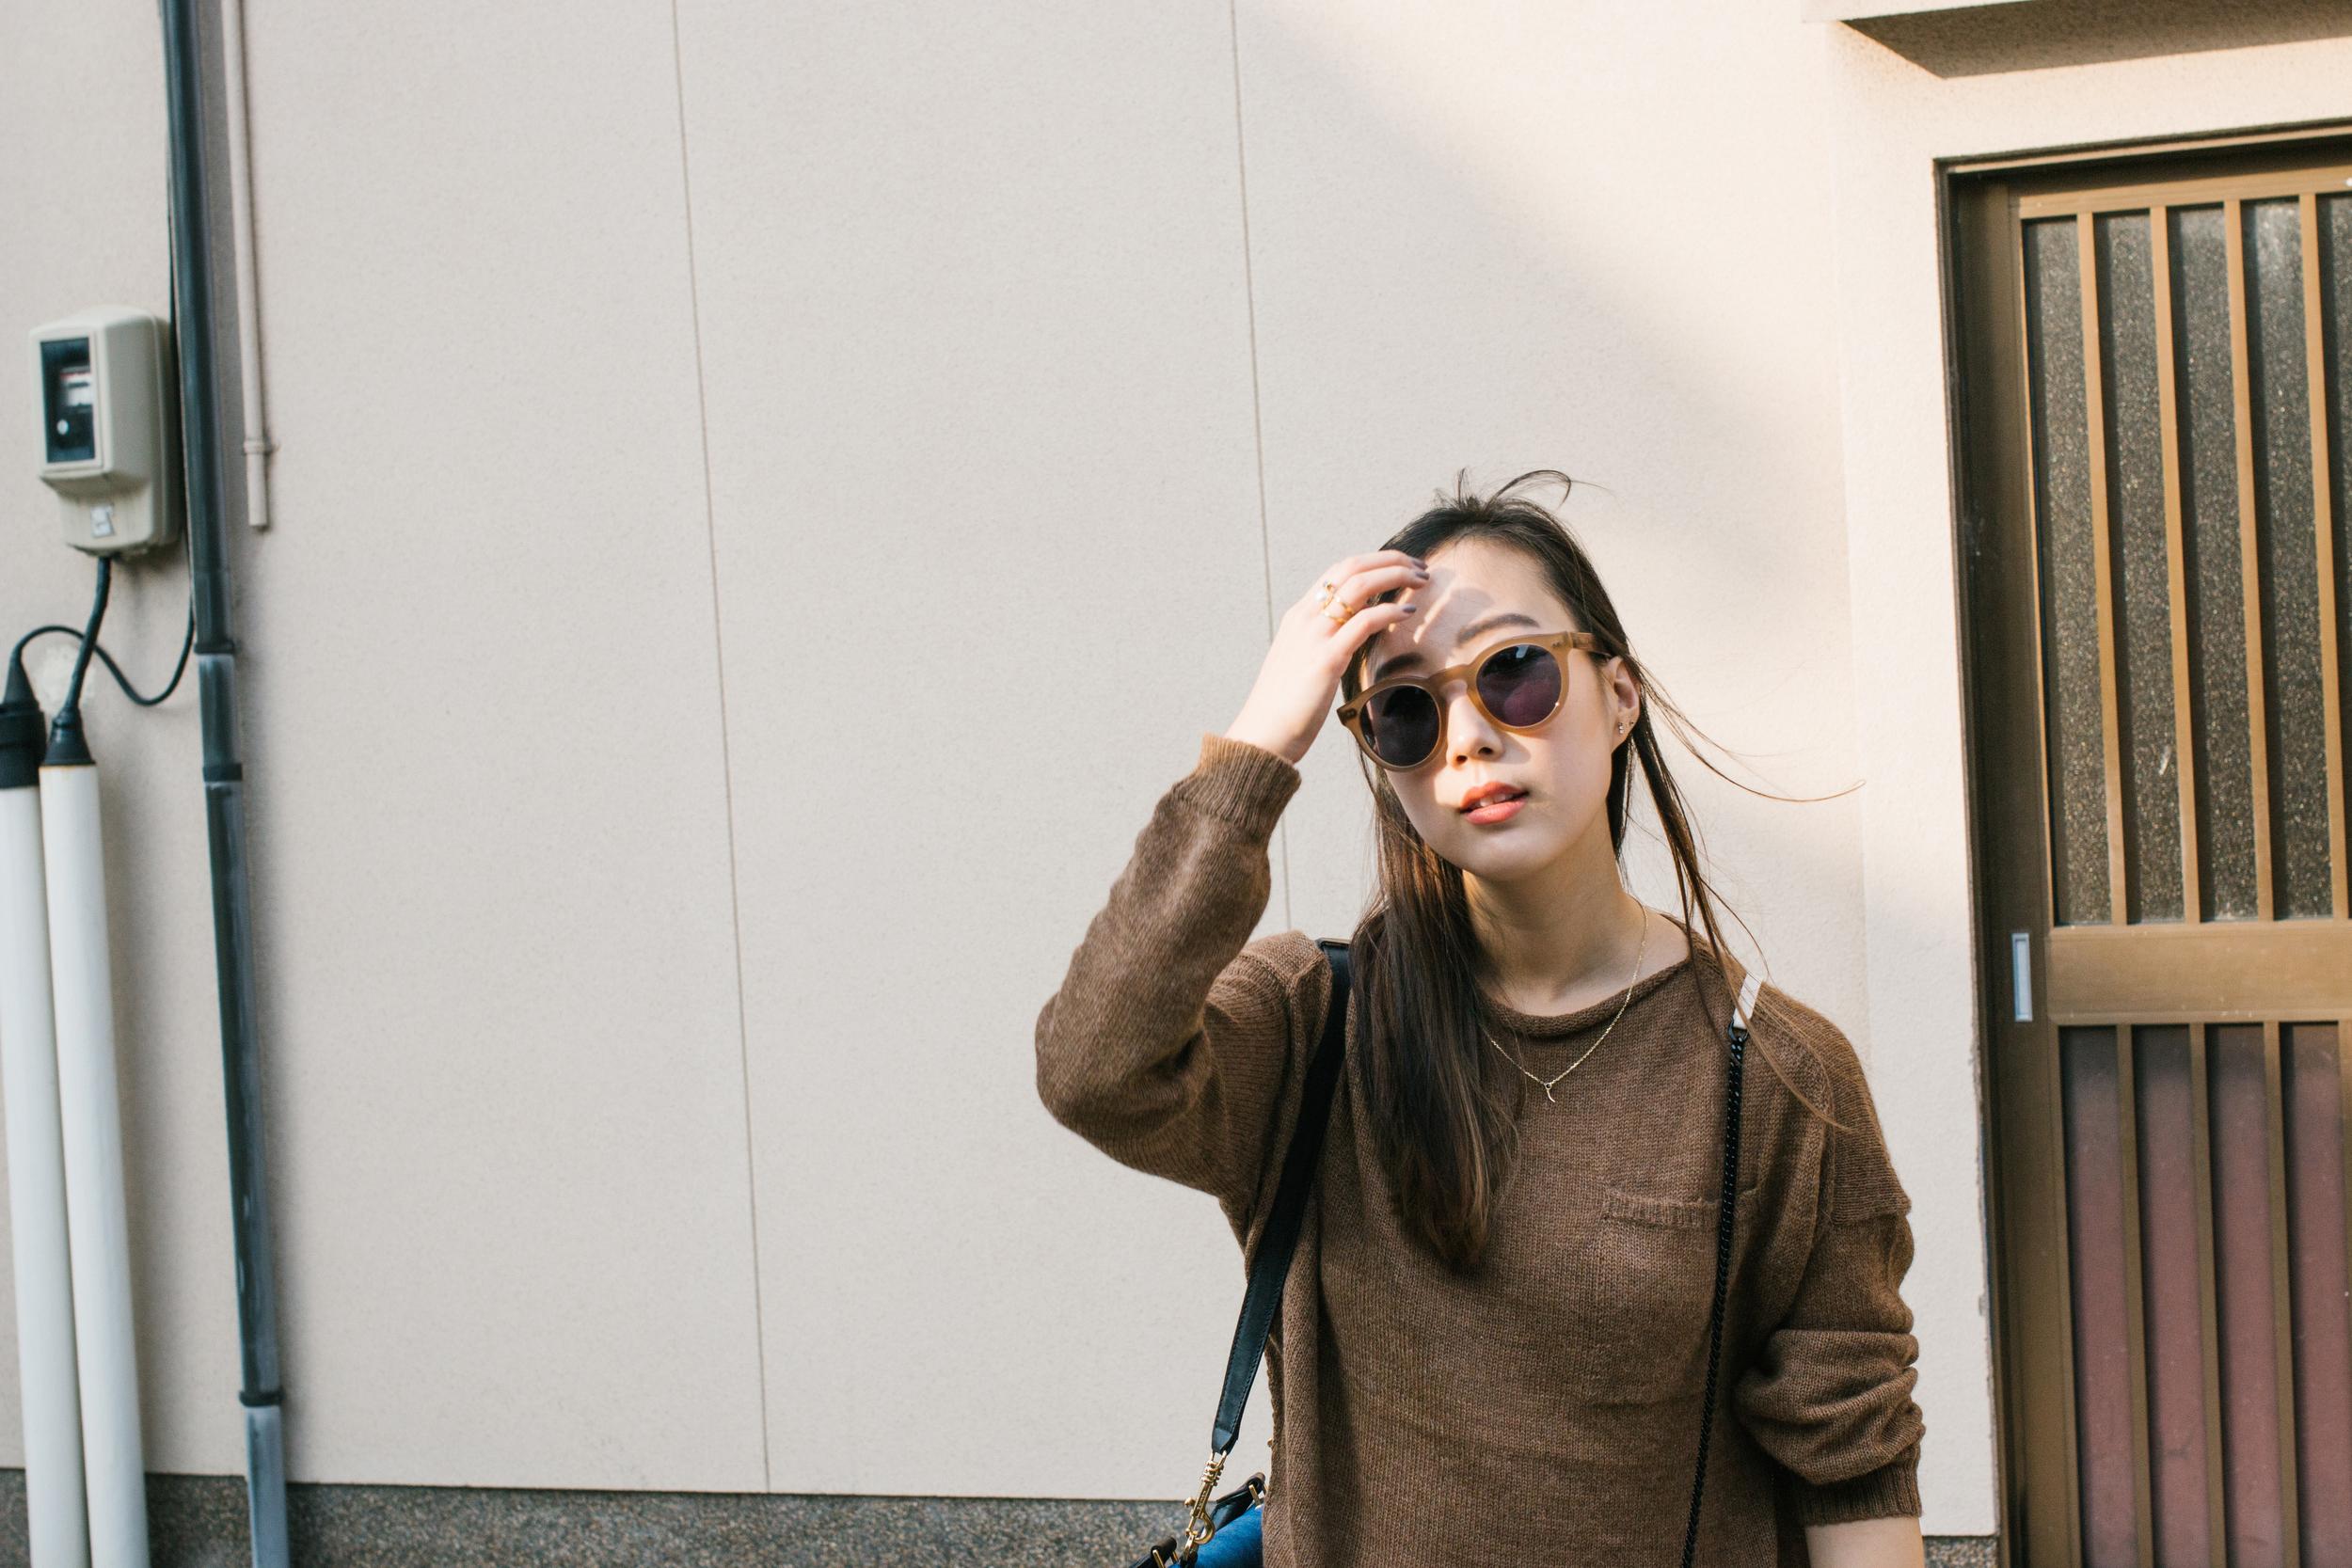 Pas de Calais  Top  and  Pants ,  Isabel Marant Shoes , Céline Bag, Saint Laurent Bag and Hat,  Cutler and Gross Sunglasses ,  Mirlo Jewelry